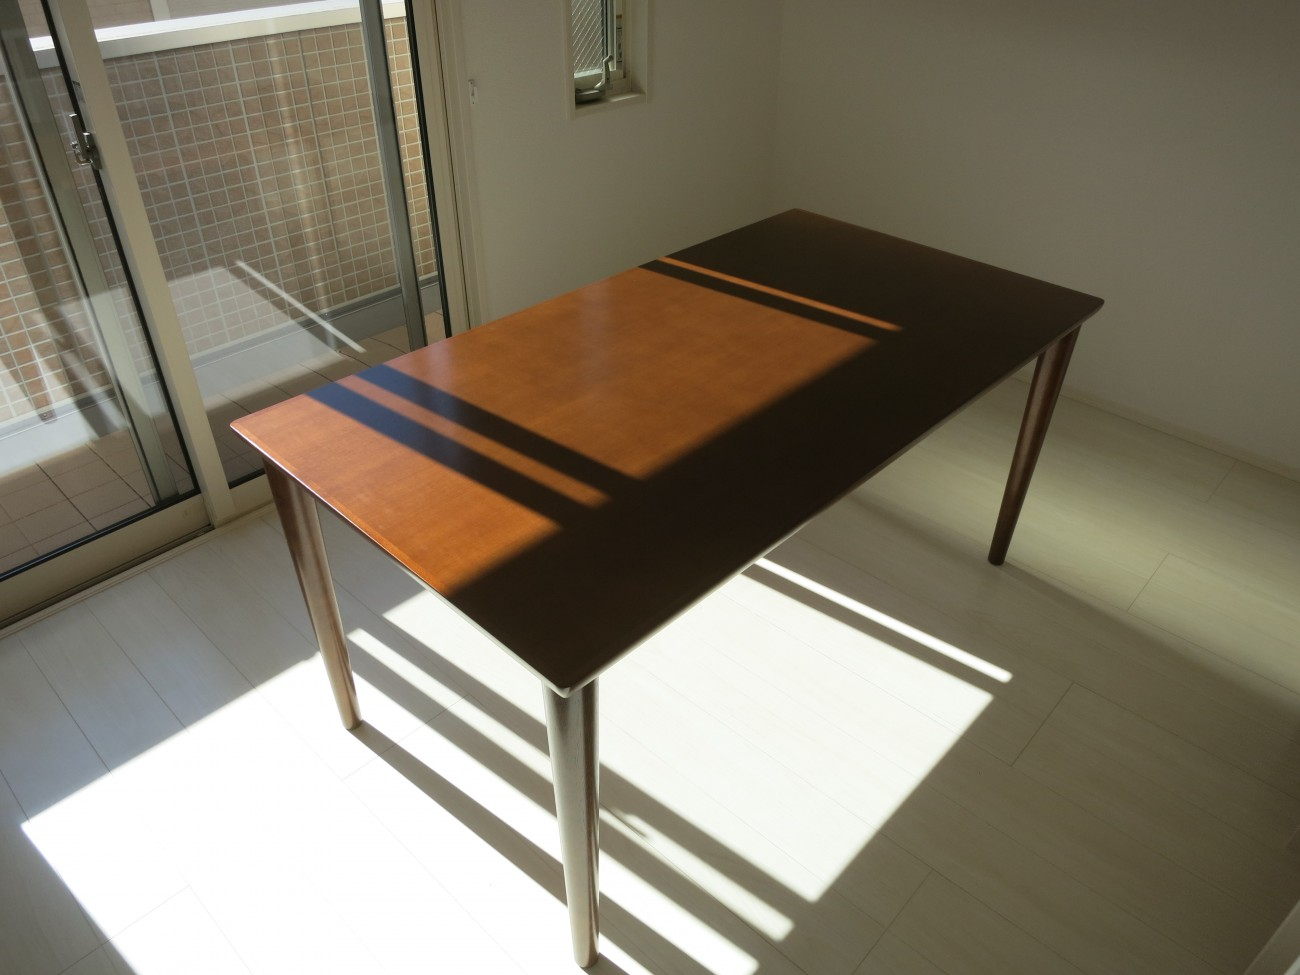 カリモク60ダイニングテーブル1500ウォールナット色ロビーチェア3シーターモケットグリーン